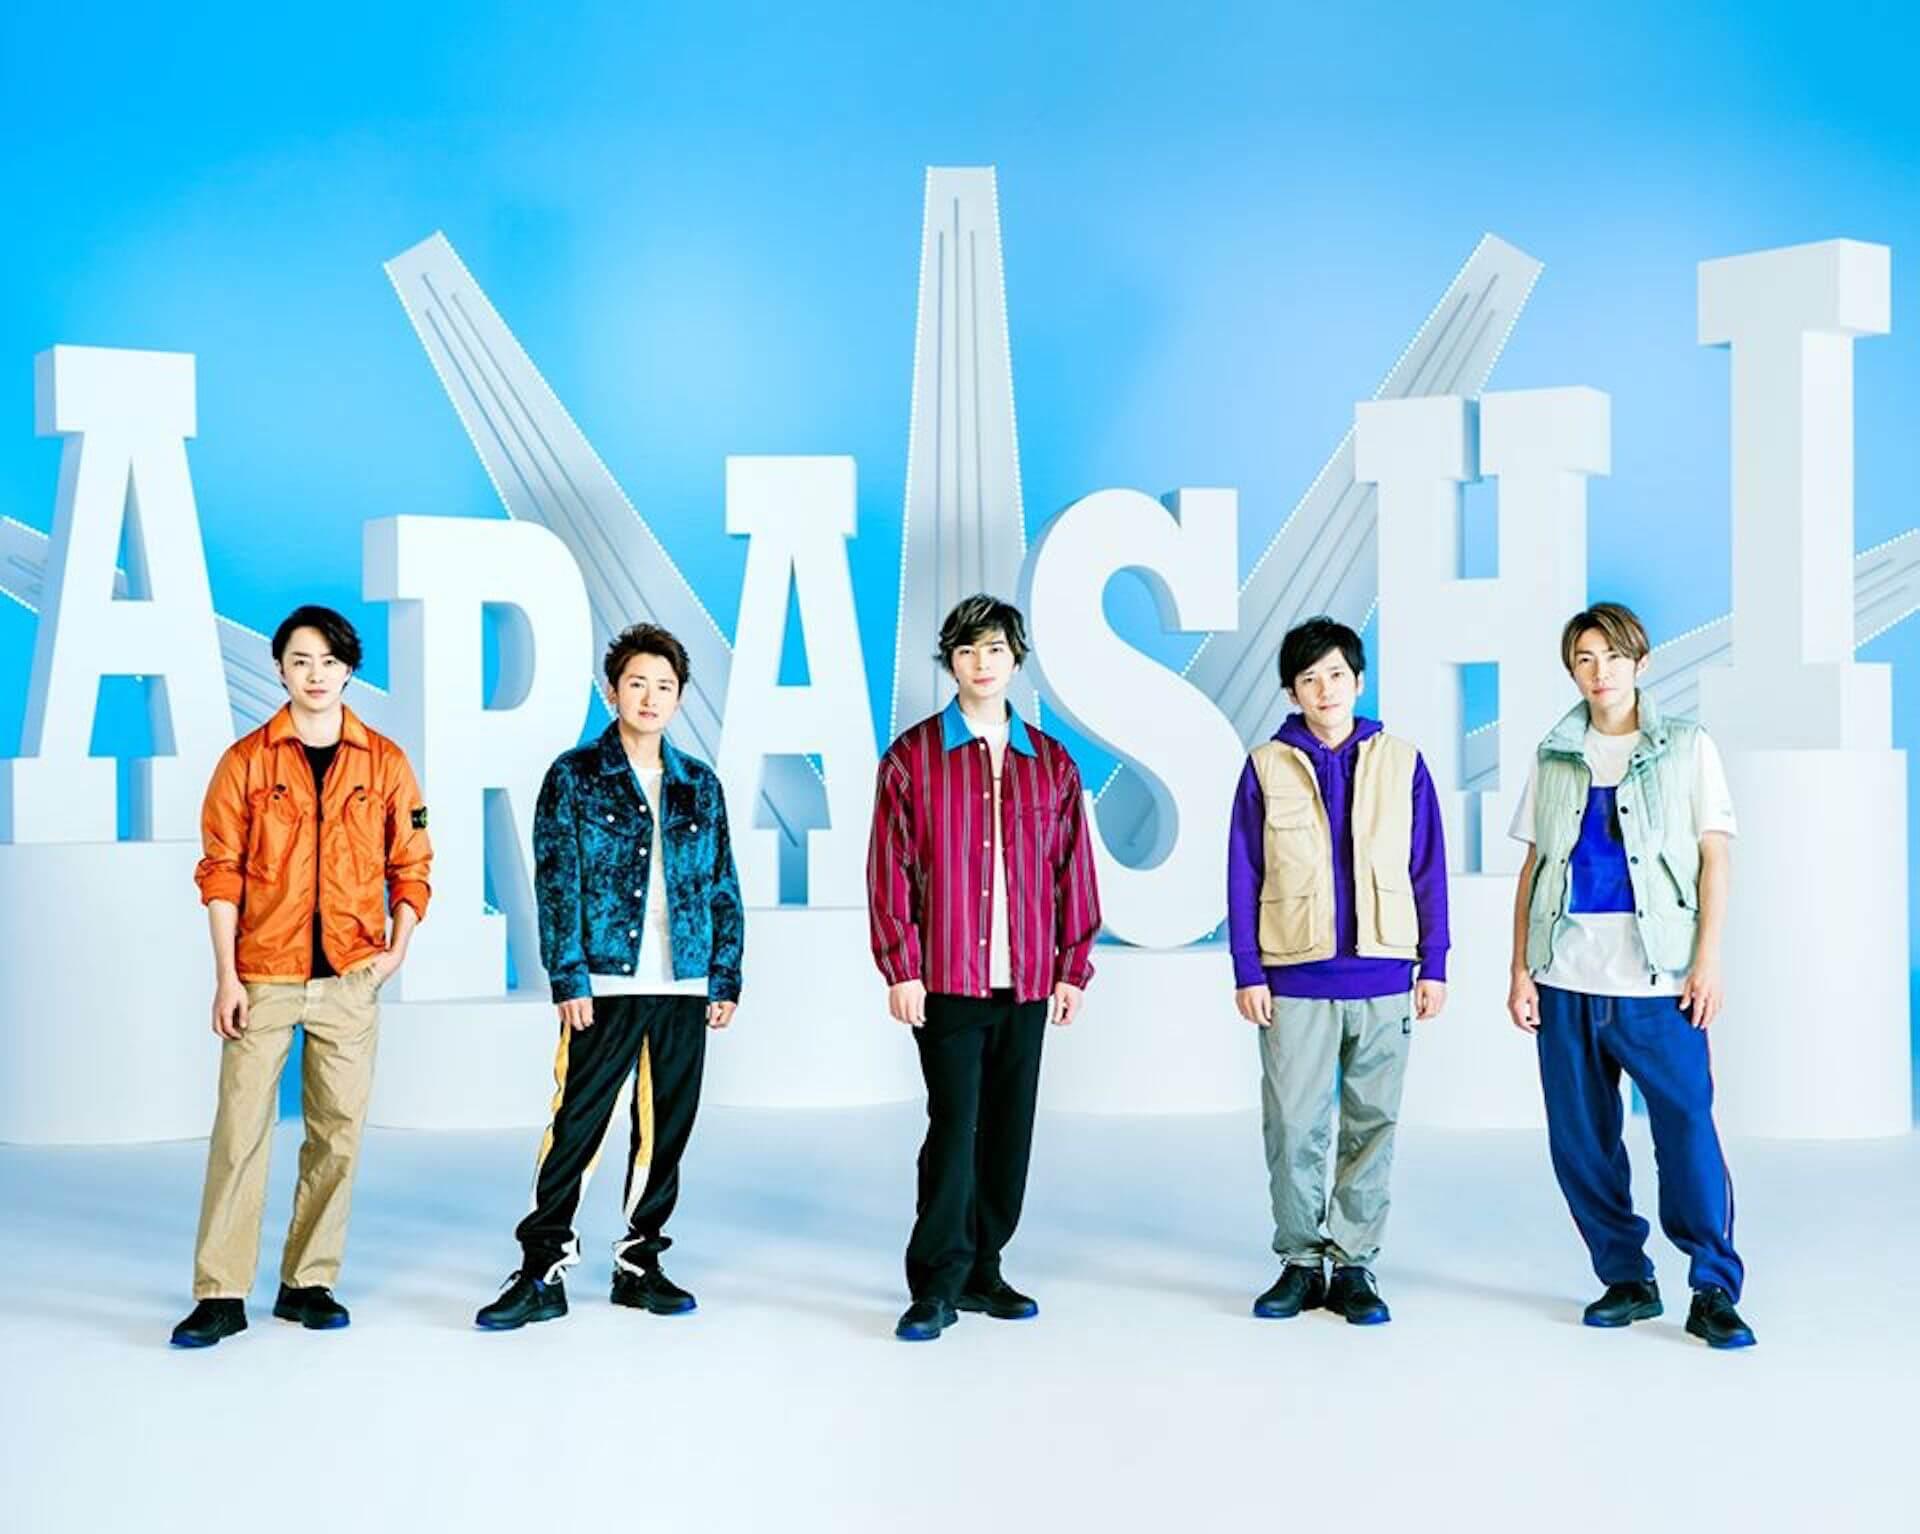 嵐「Turning Up」リミックスシングルの配信リリースを発表!リミックス担当は世界的DJのR3HAB music200121_arashi_main